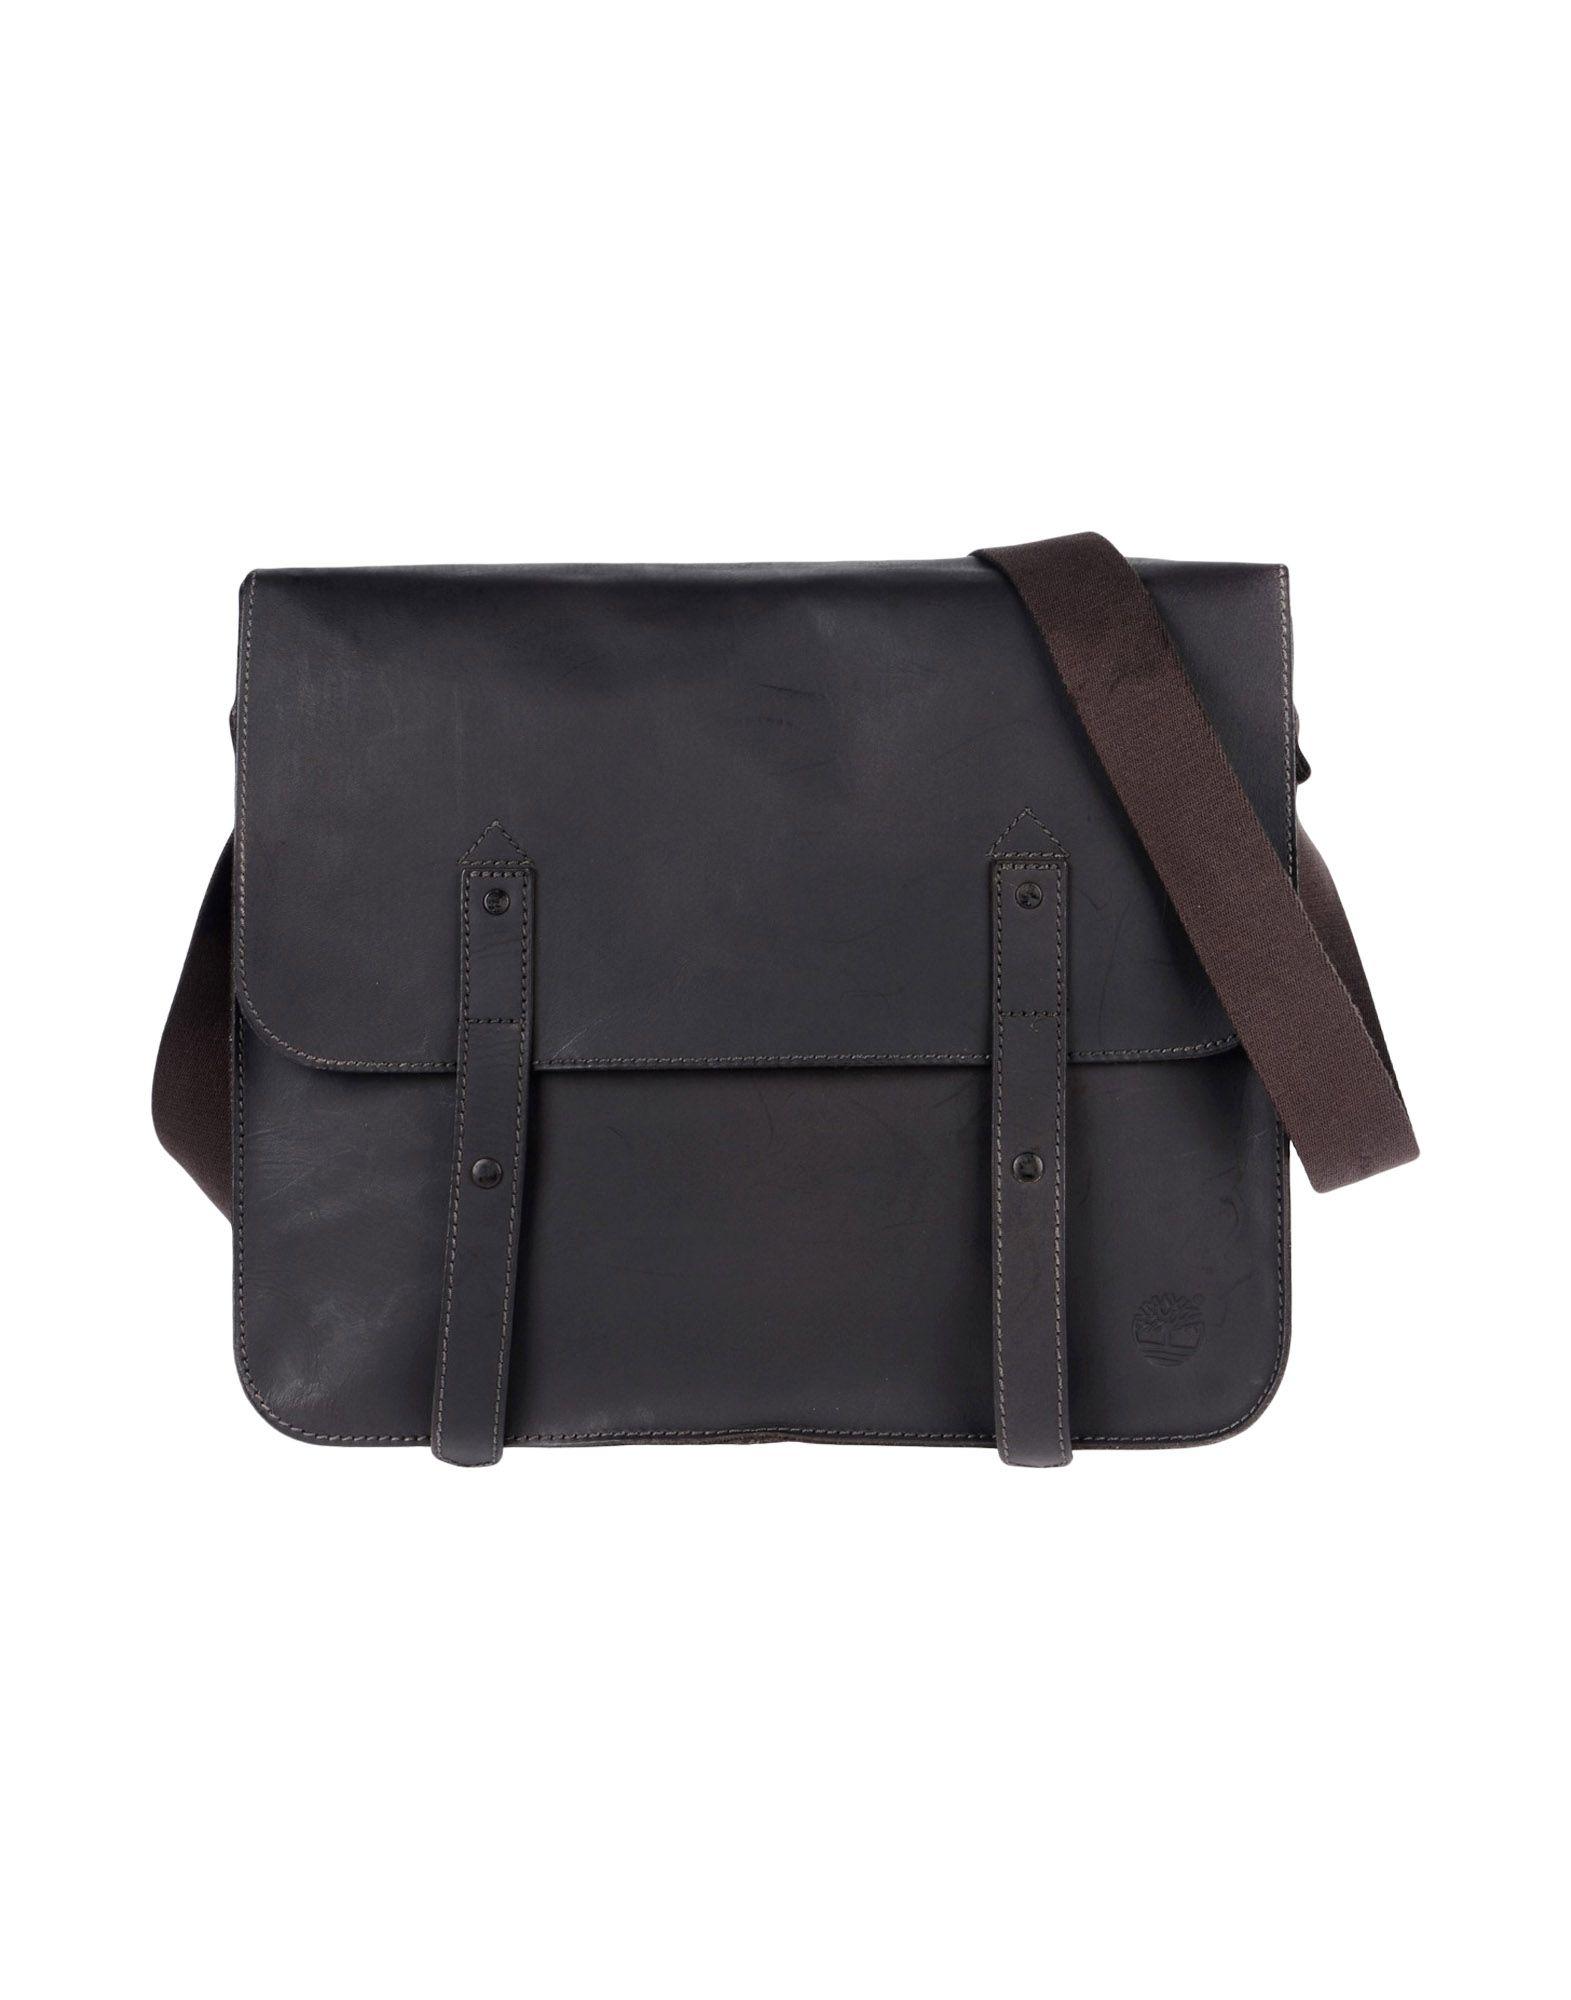 TIMBERLAND Деловые сумки goldlion goldlion портфель моды случайные сумки вертикальный раздел мужской бизнес пакет mb6453122 20338 хаки